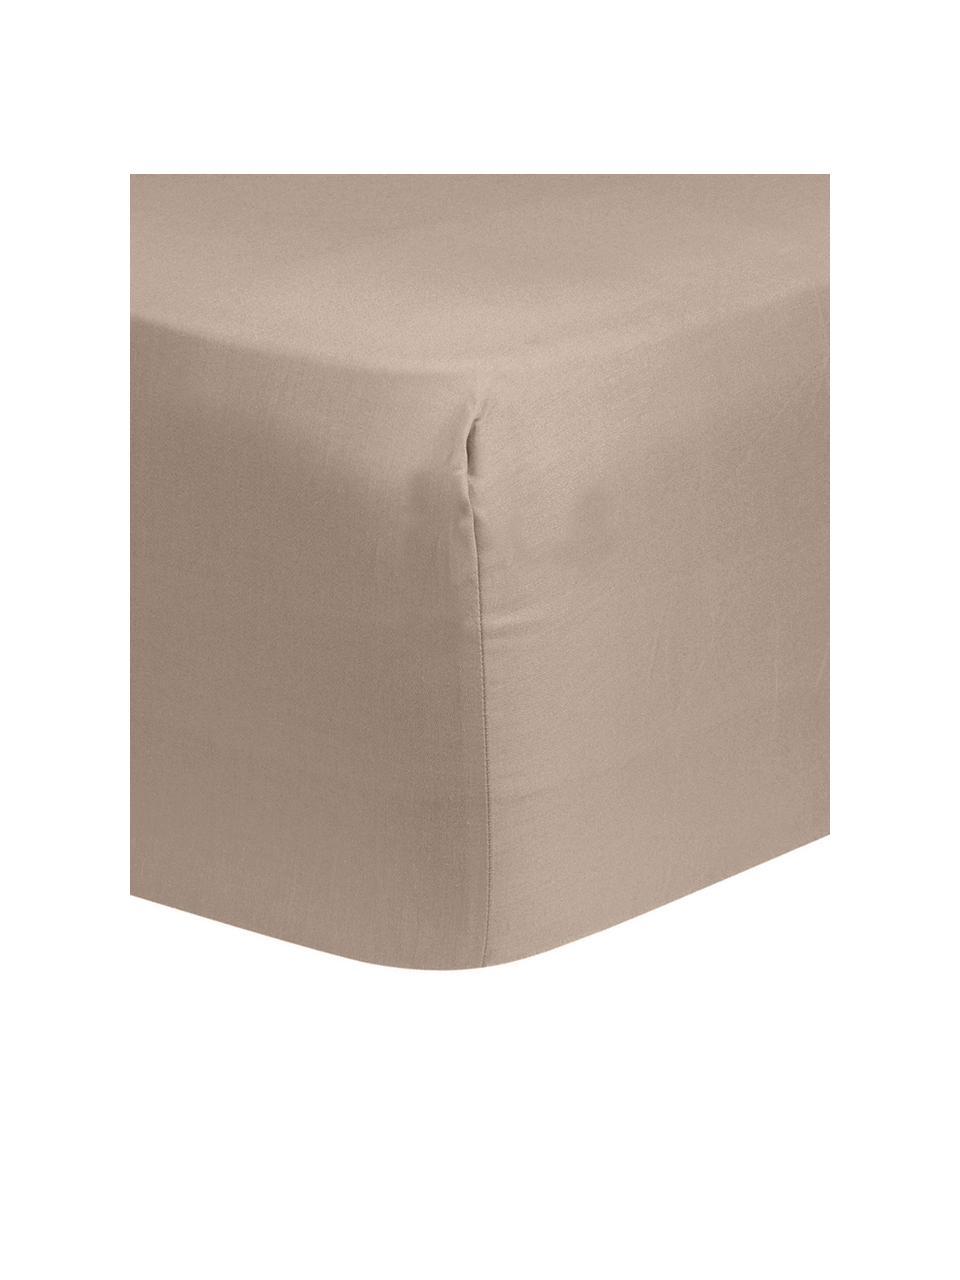 Prześcieradło z gumką z satyny bawełnianej Comfort, Taupe, S 180 x D 200 cm